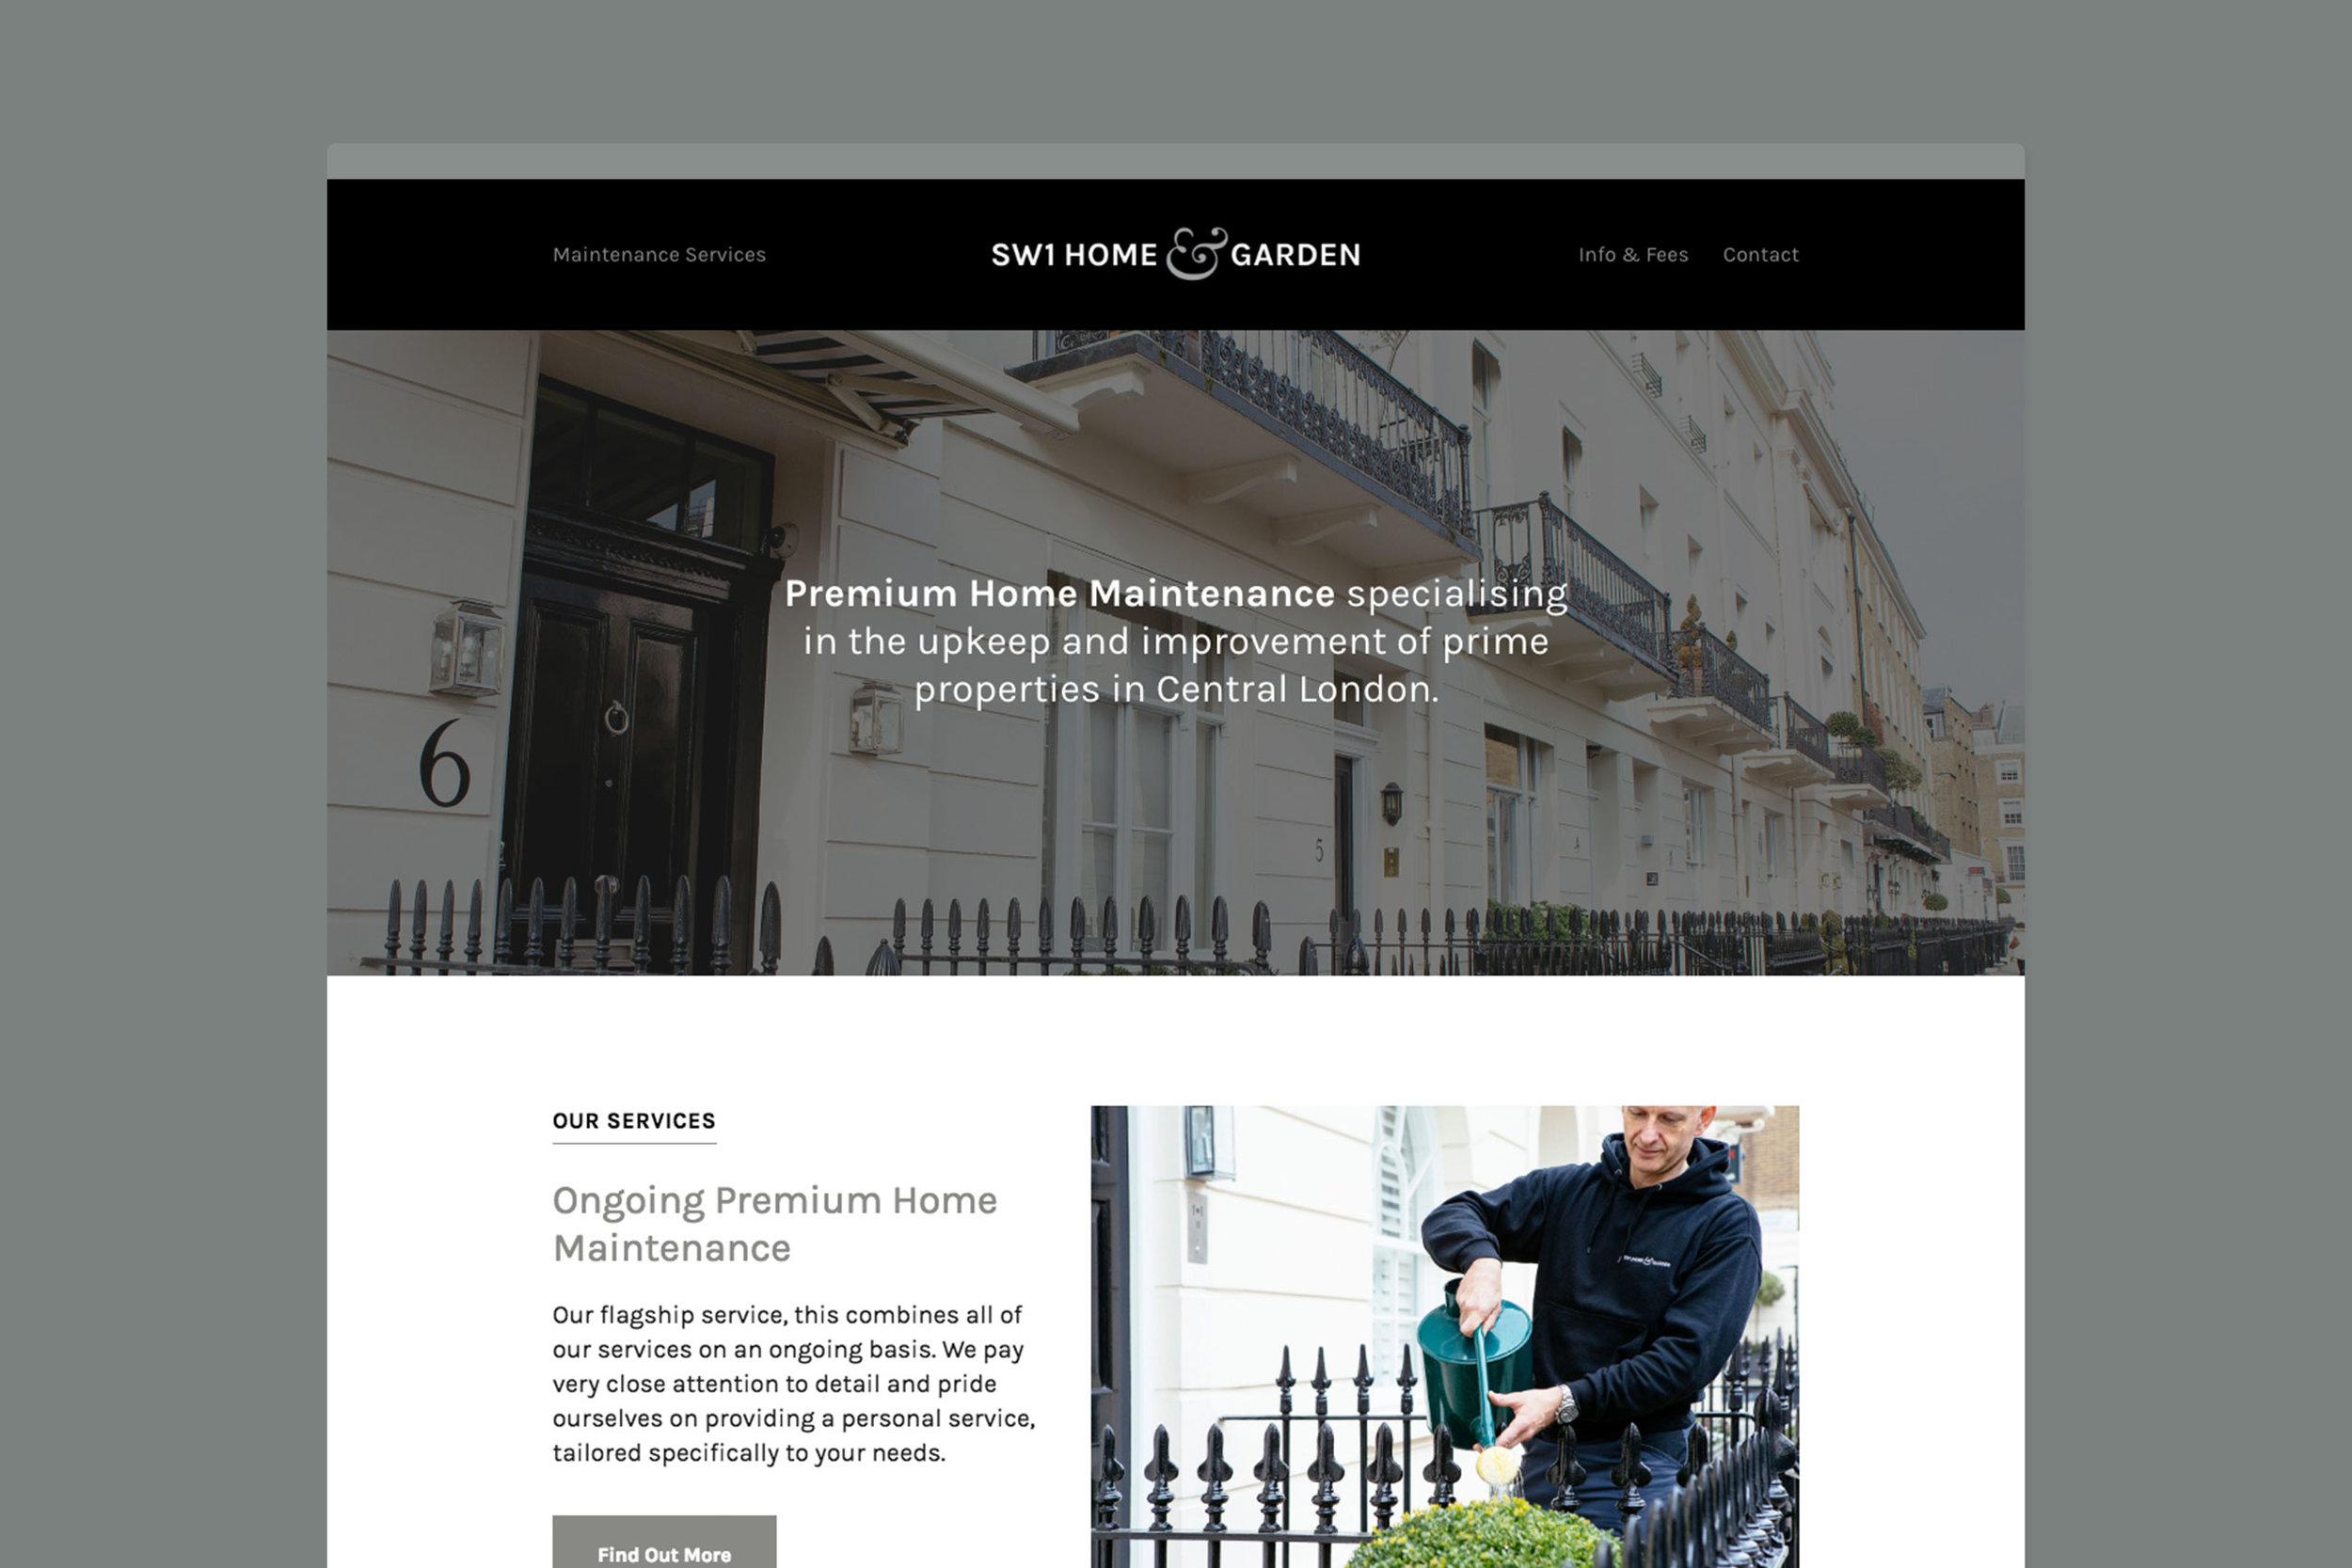 Branding design for SW1 Home & Garden for web